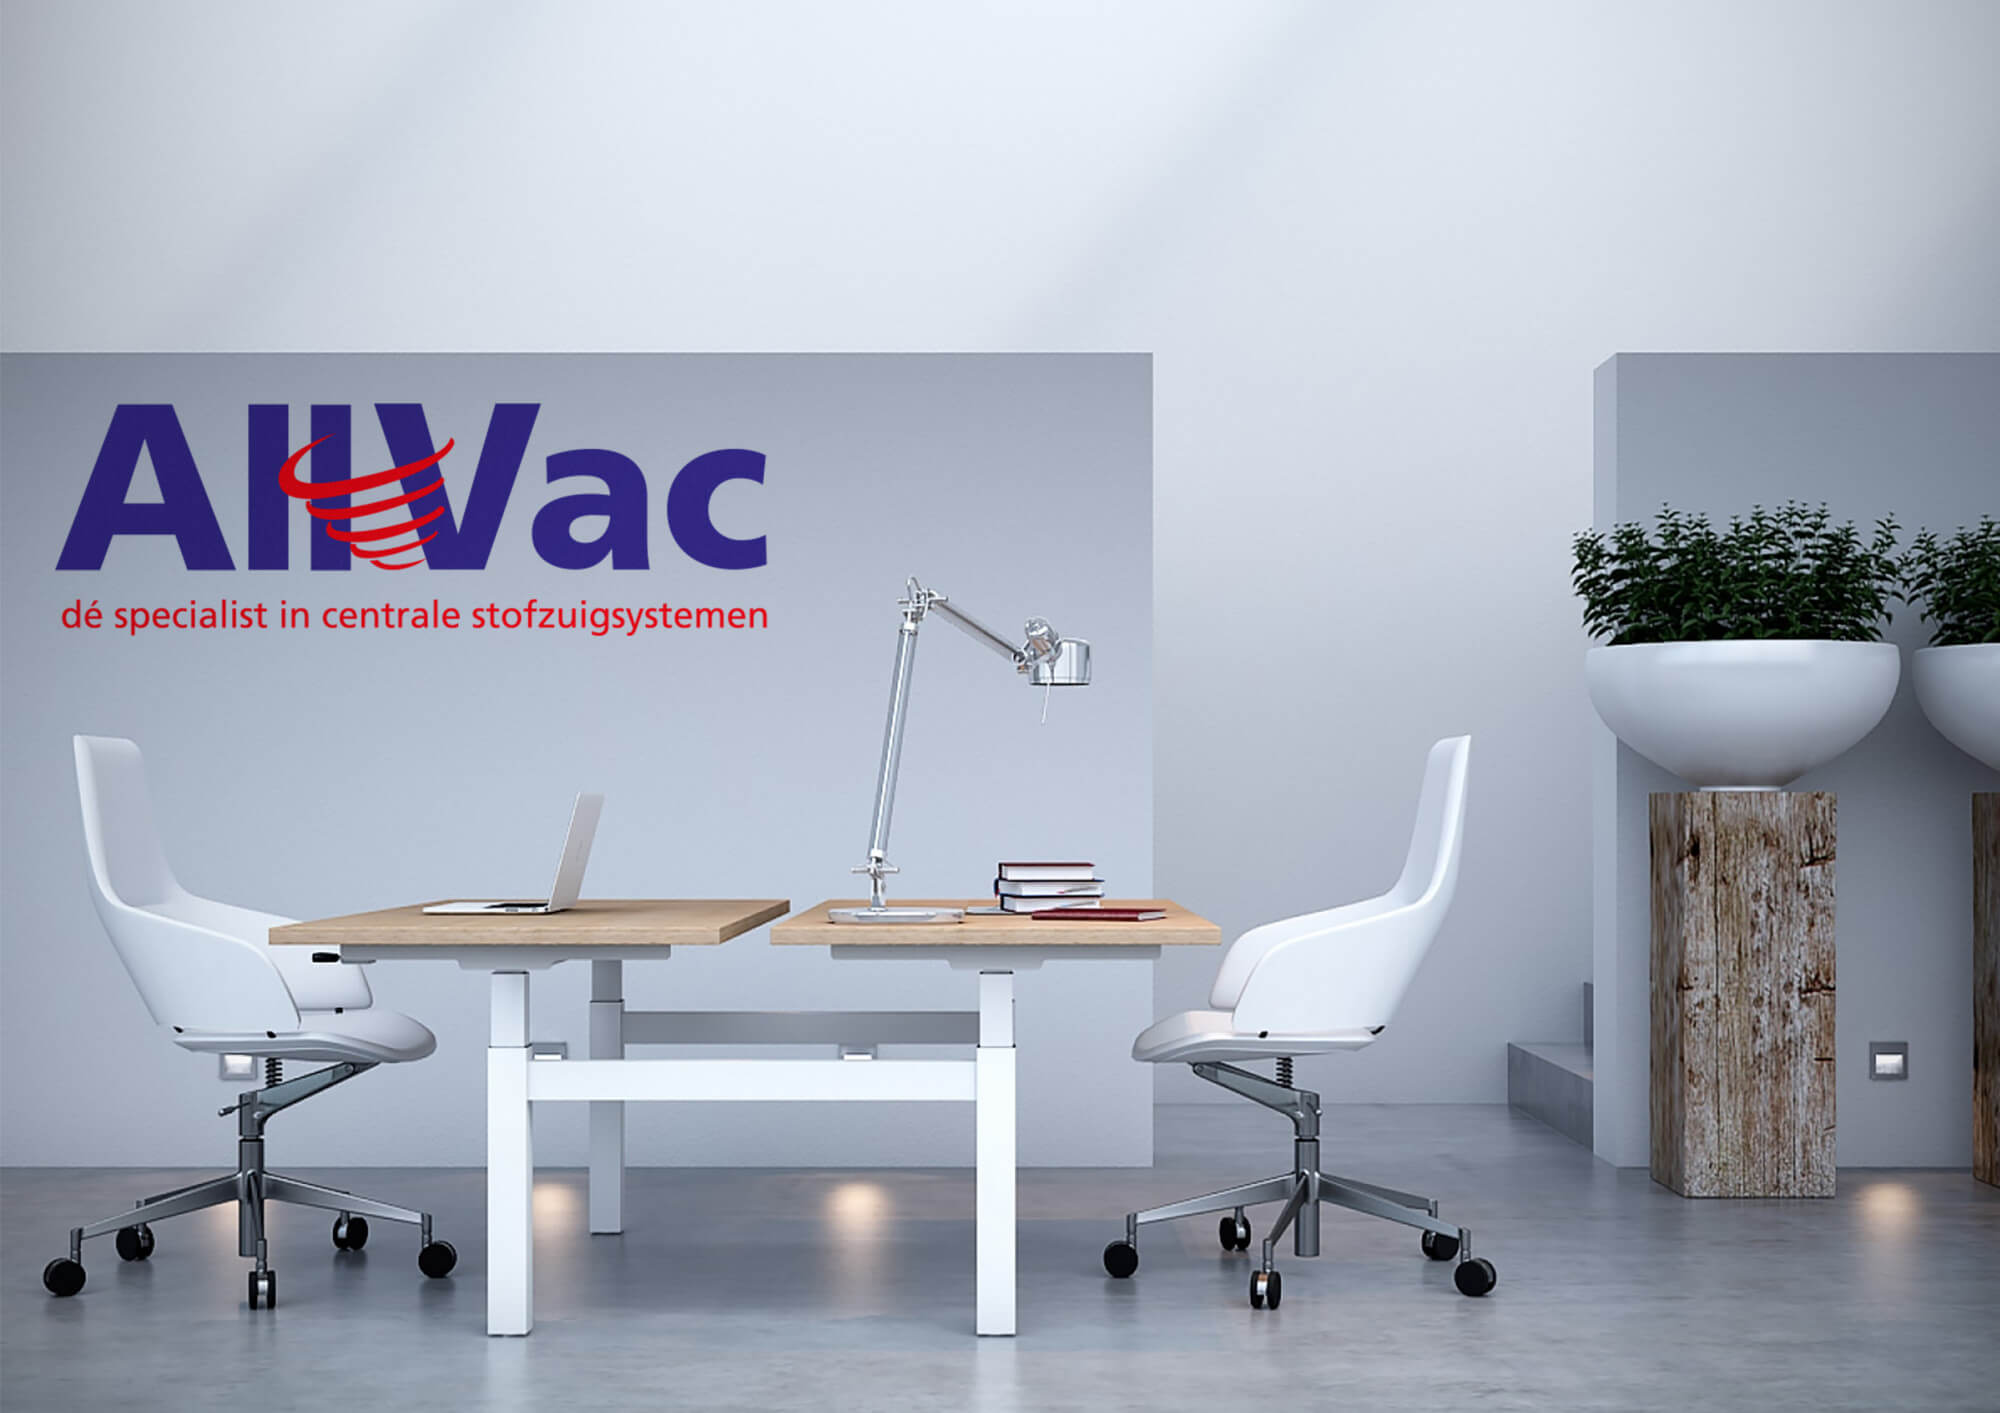 logo- en huisstijlontwerp AllVac grafischontwerpzaak